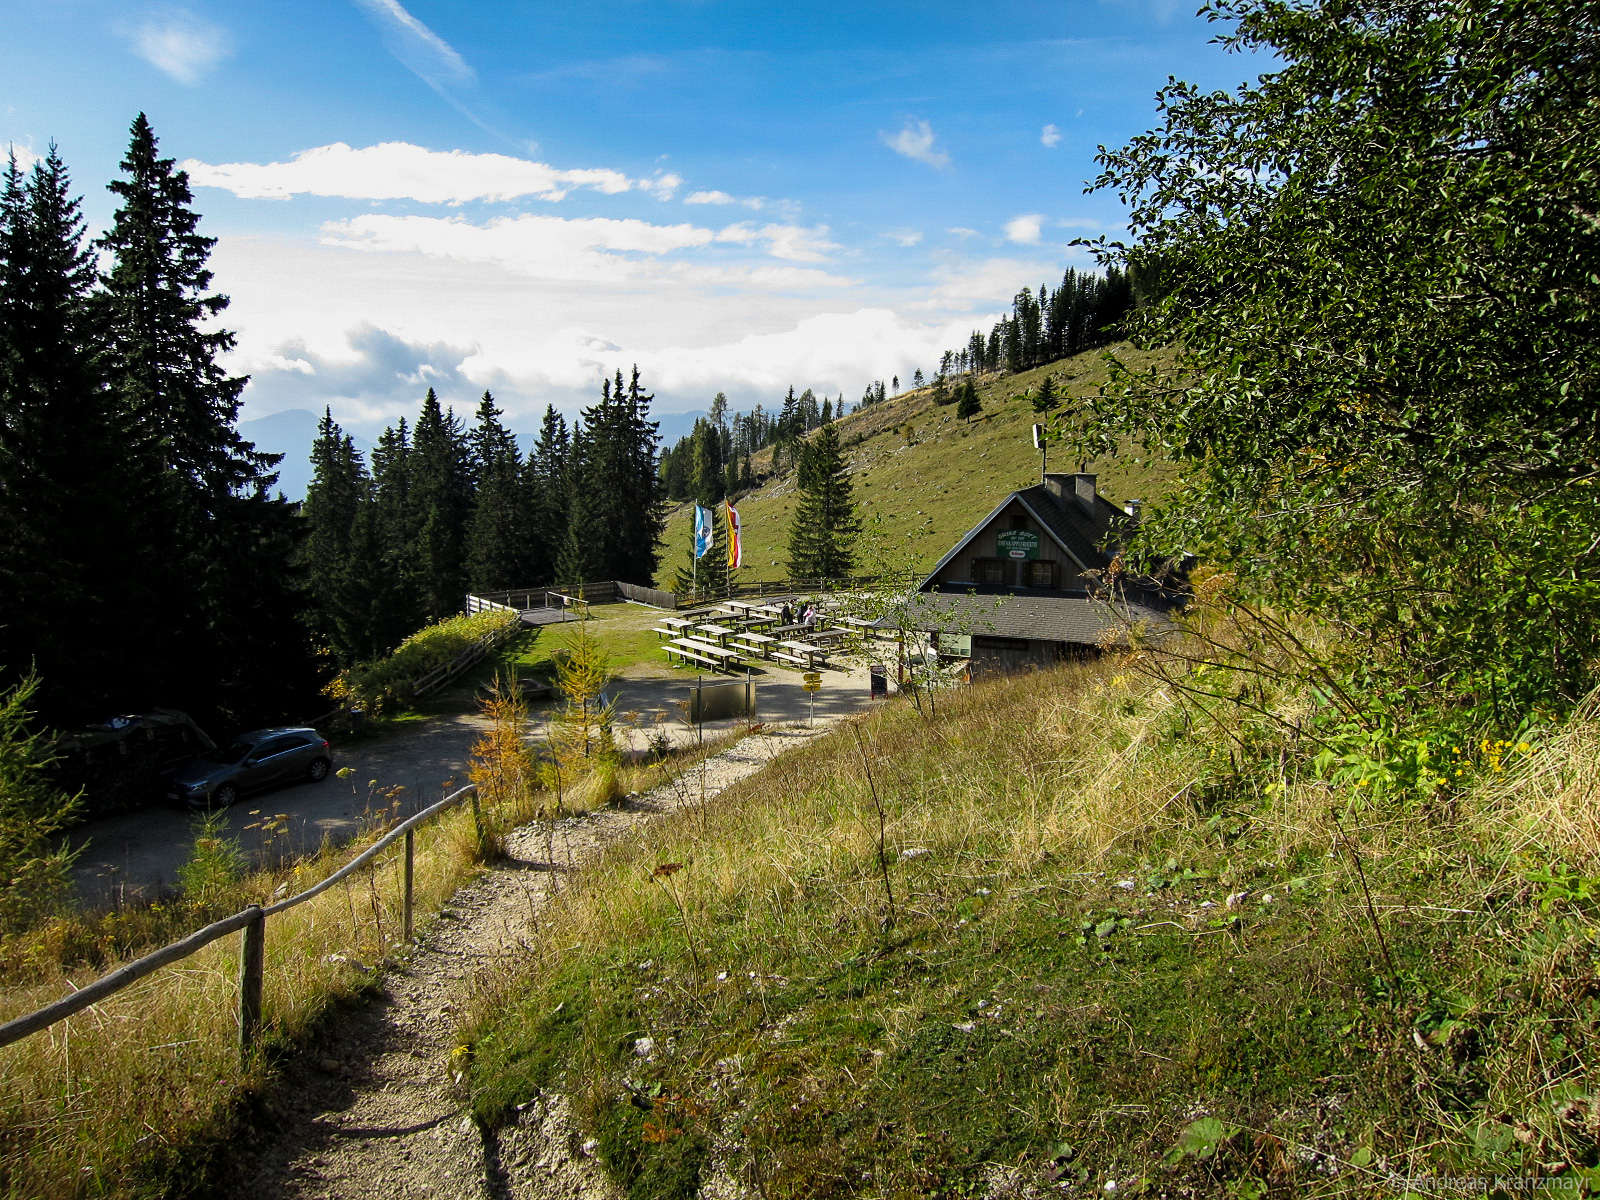 Die Eisenkapplerhütte erreicht man am Ende der Etappe 6, welche eine etwas leichtere Etappe zu erwandern ist.